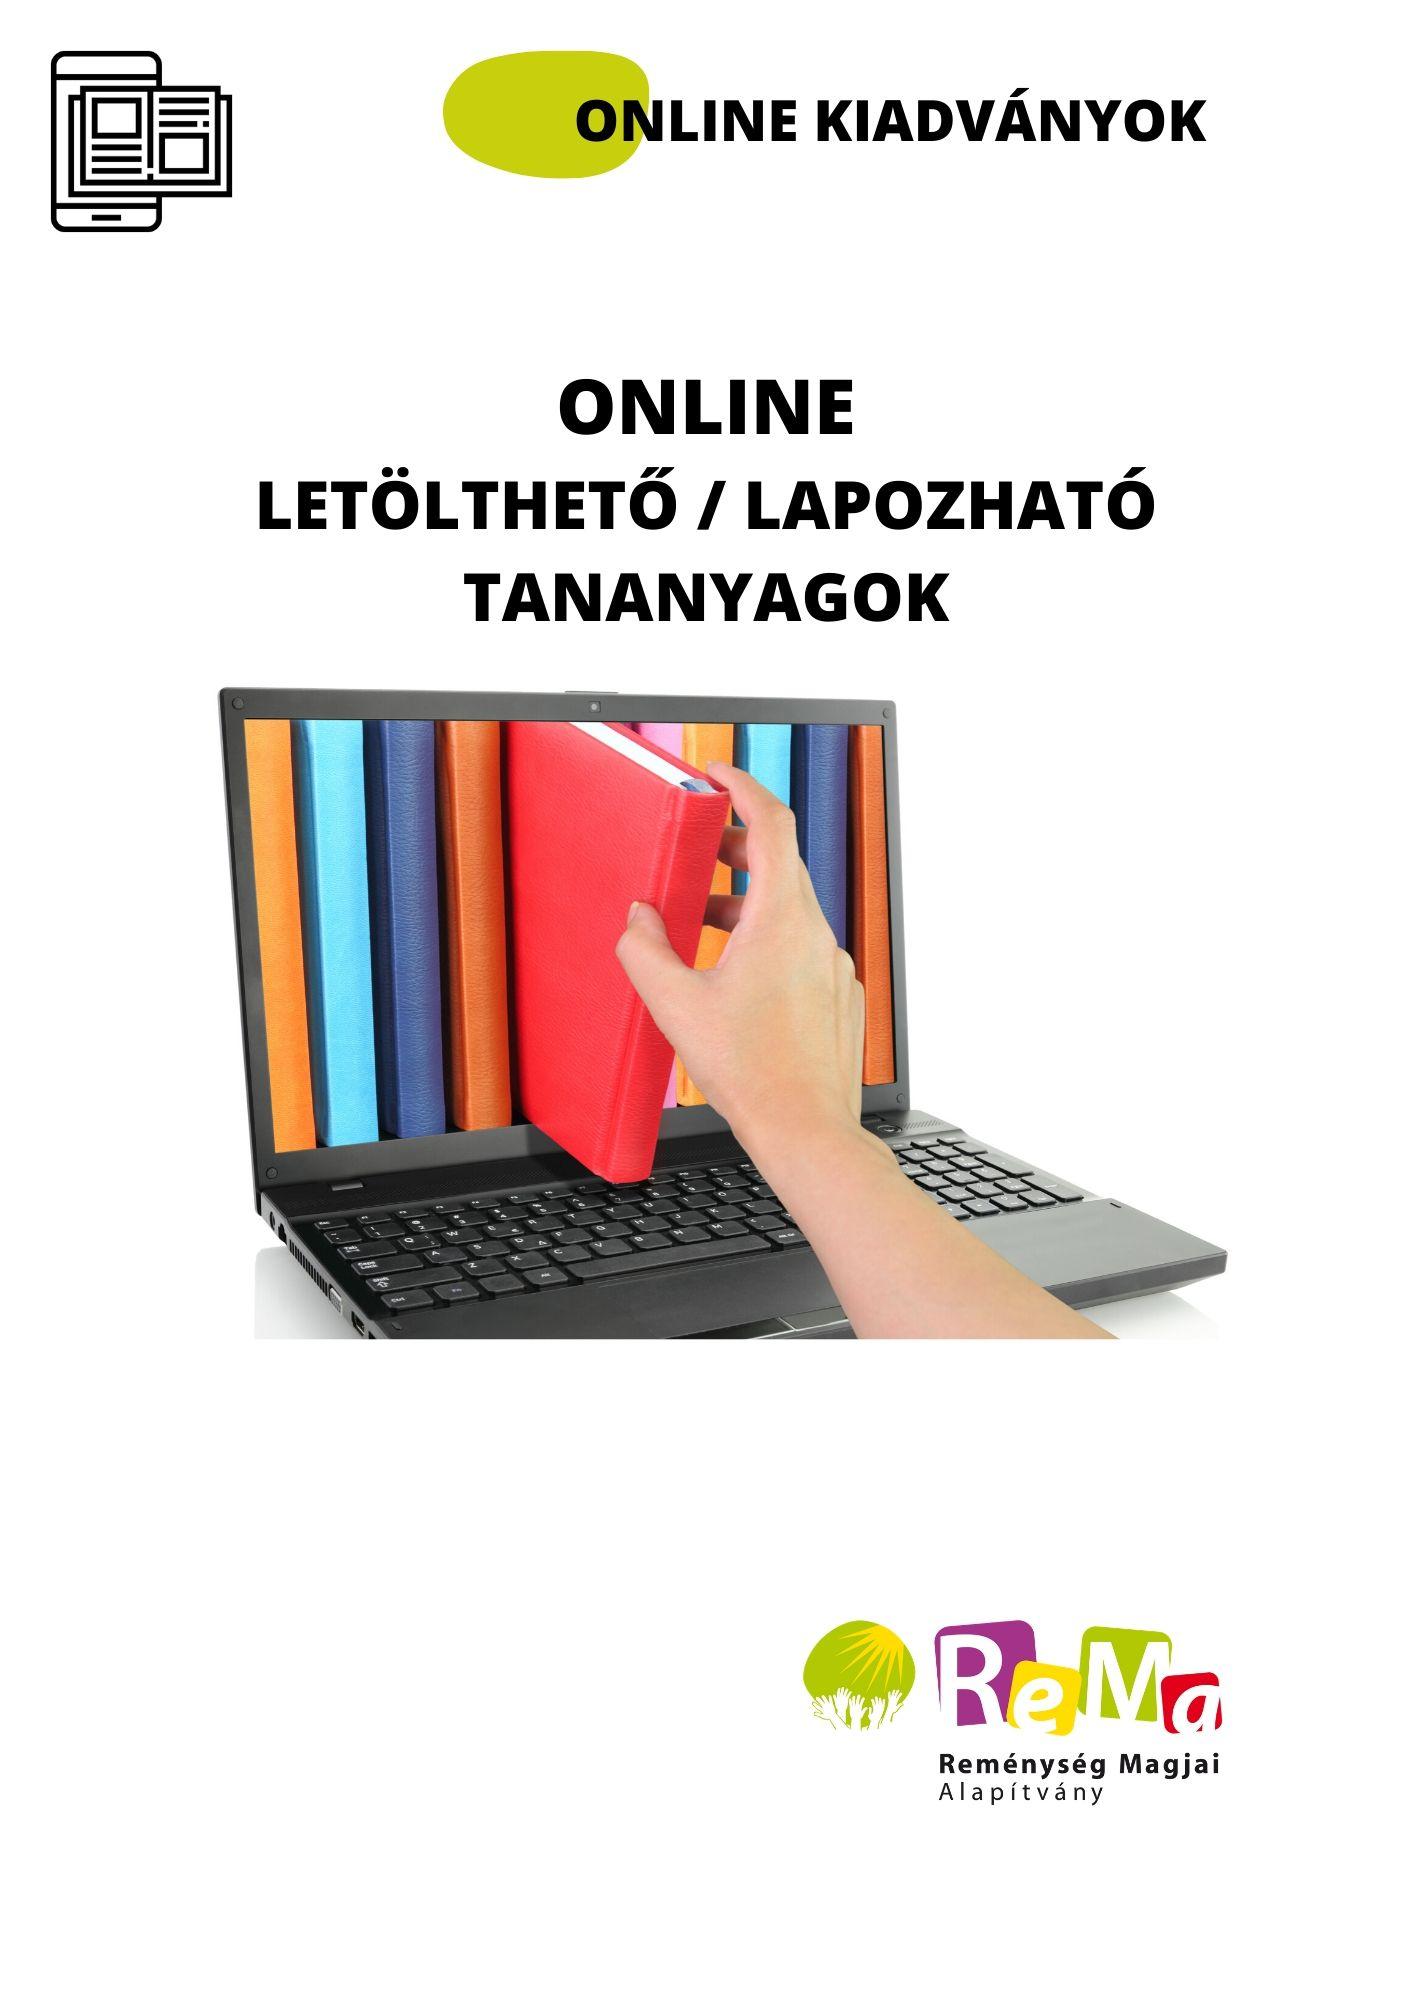 Online kiadványok